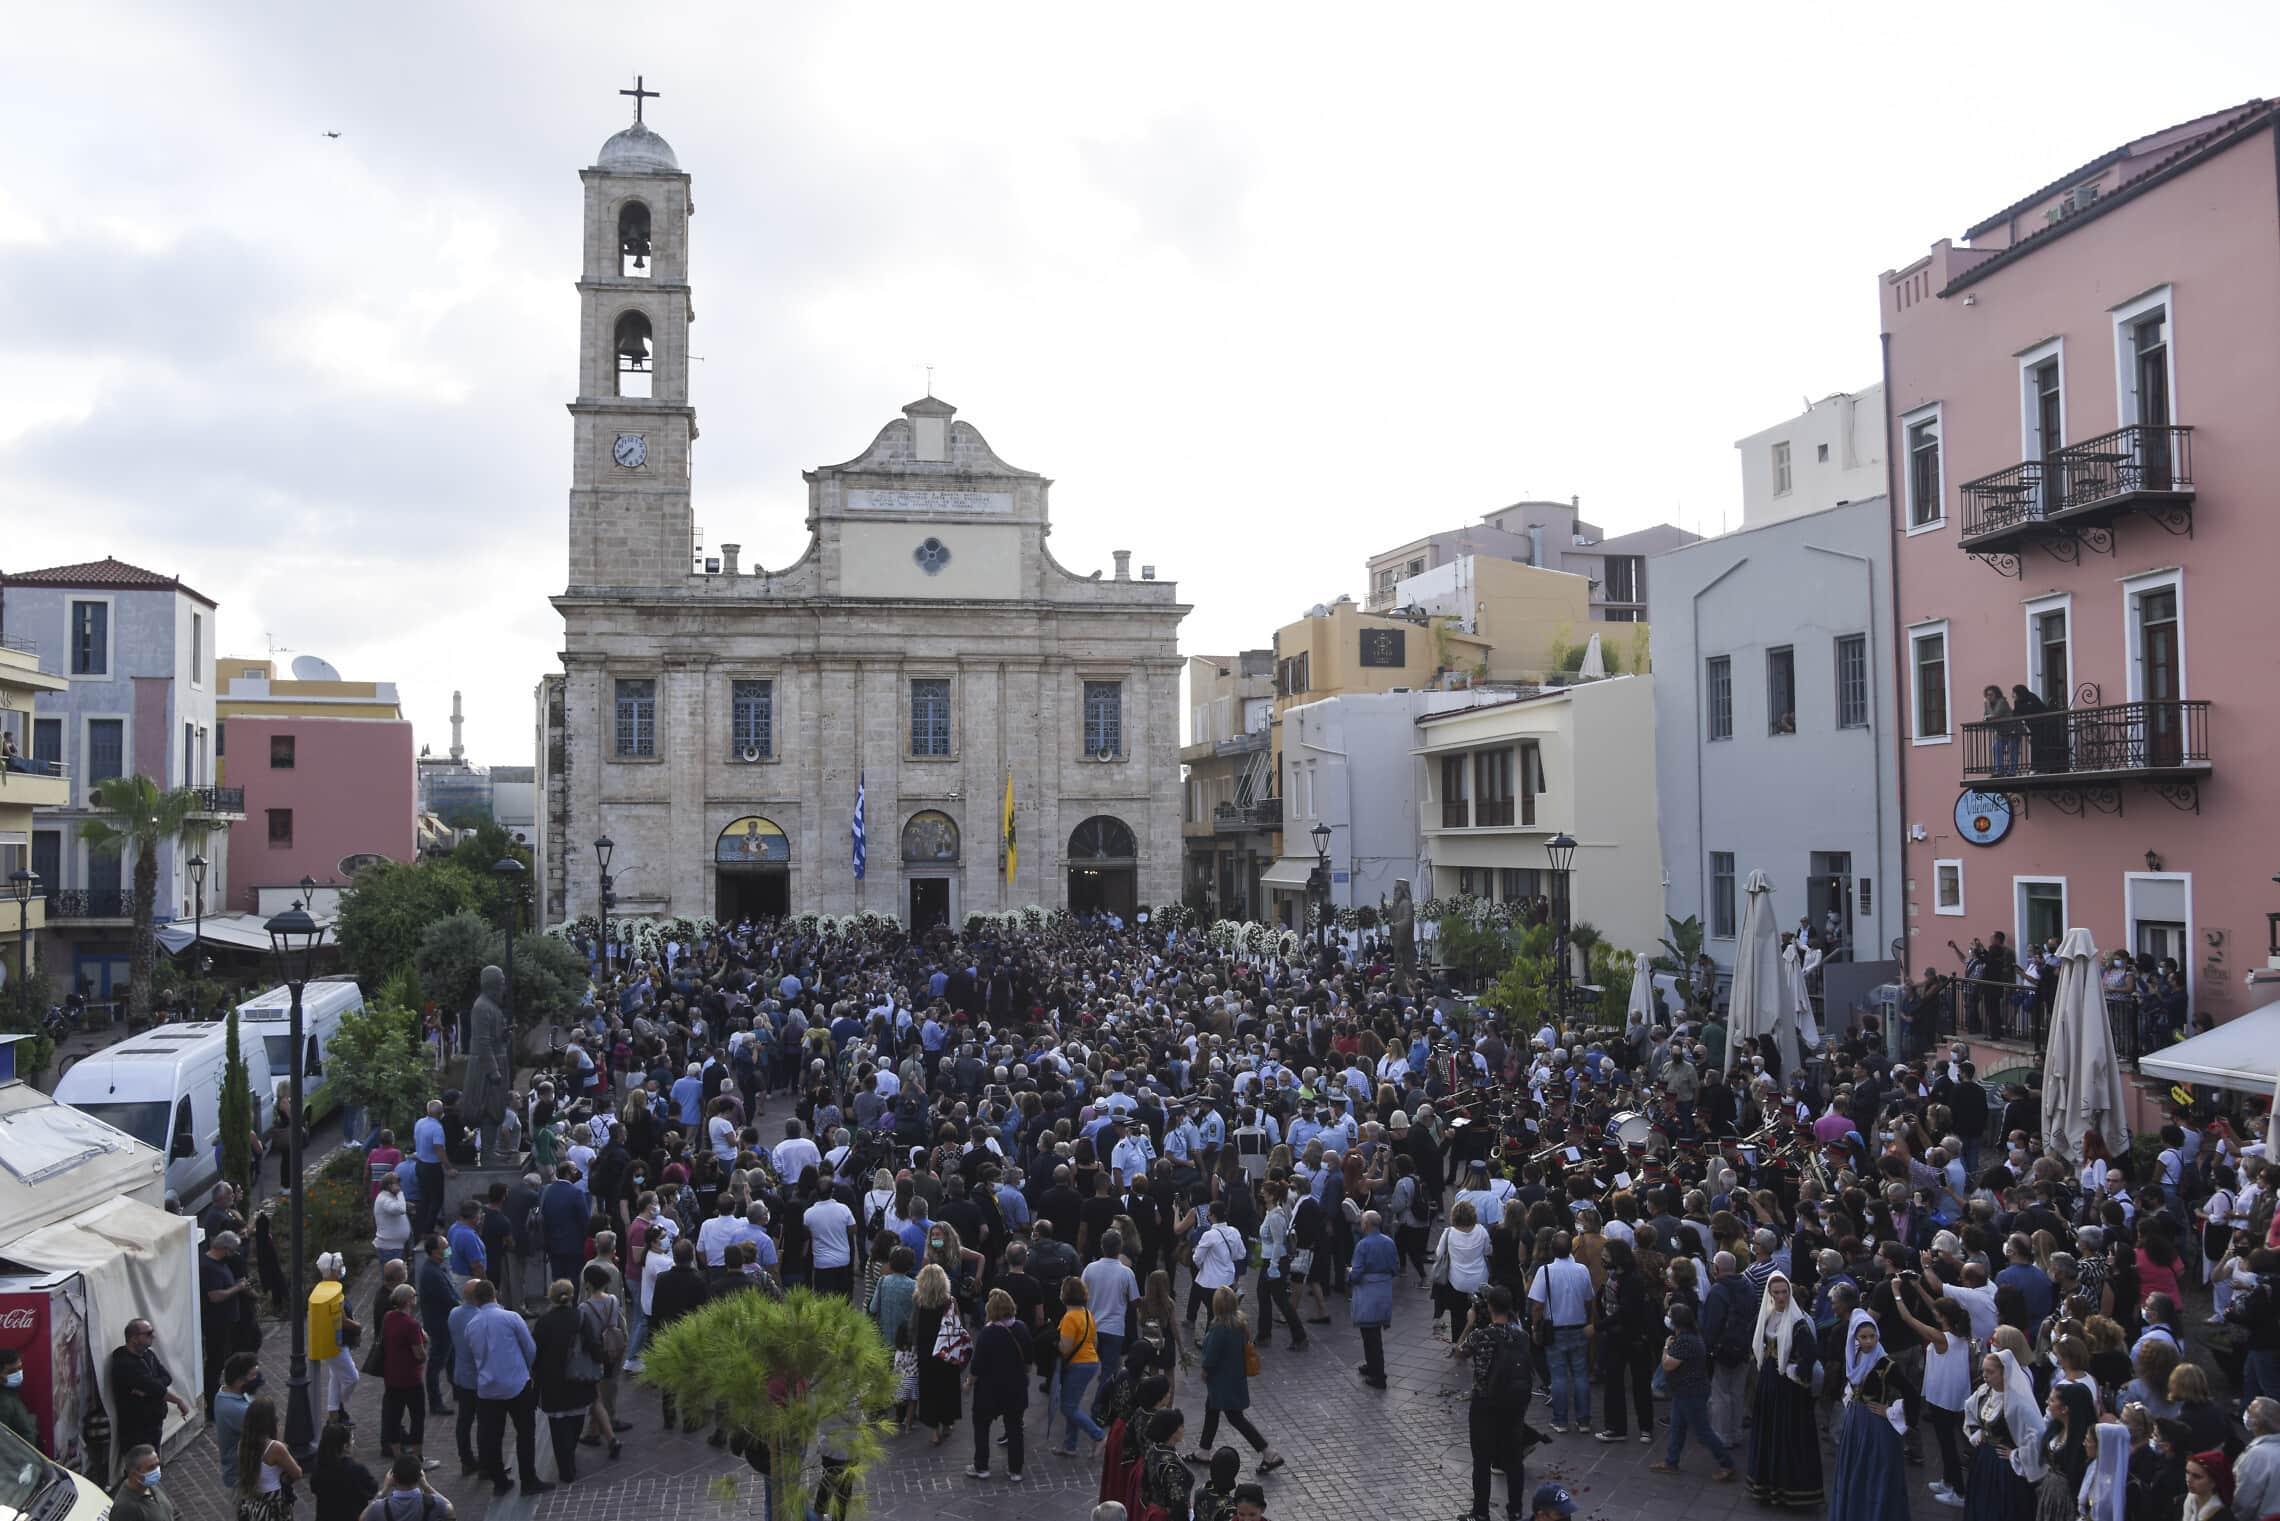 הקהל נאסף מחוץ לכנסייה בכרתים לקראת טקס האשכבה של מיקיס תאודוראקיס, 9 בספטמבר 2021 (צילום: AP Photo/Harry Nakos)